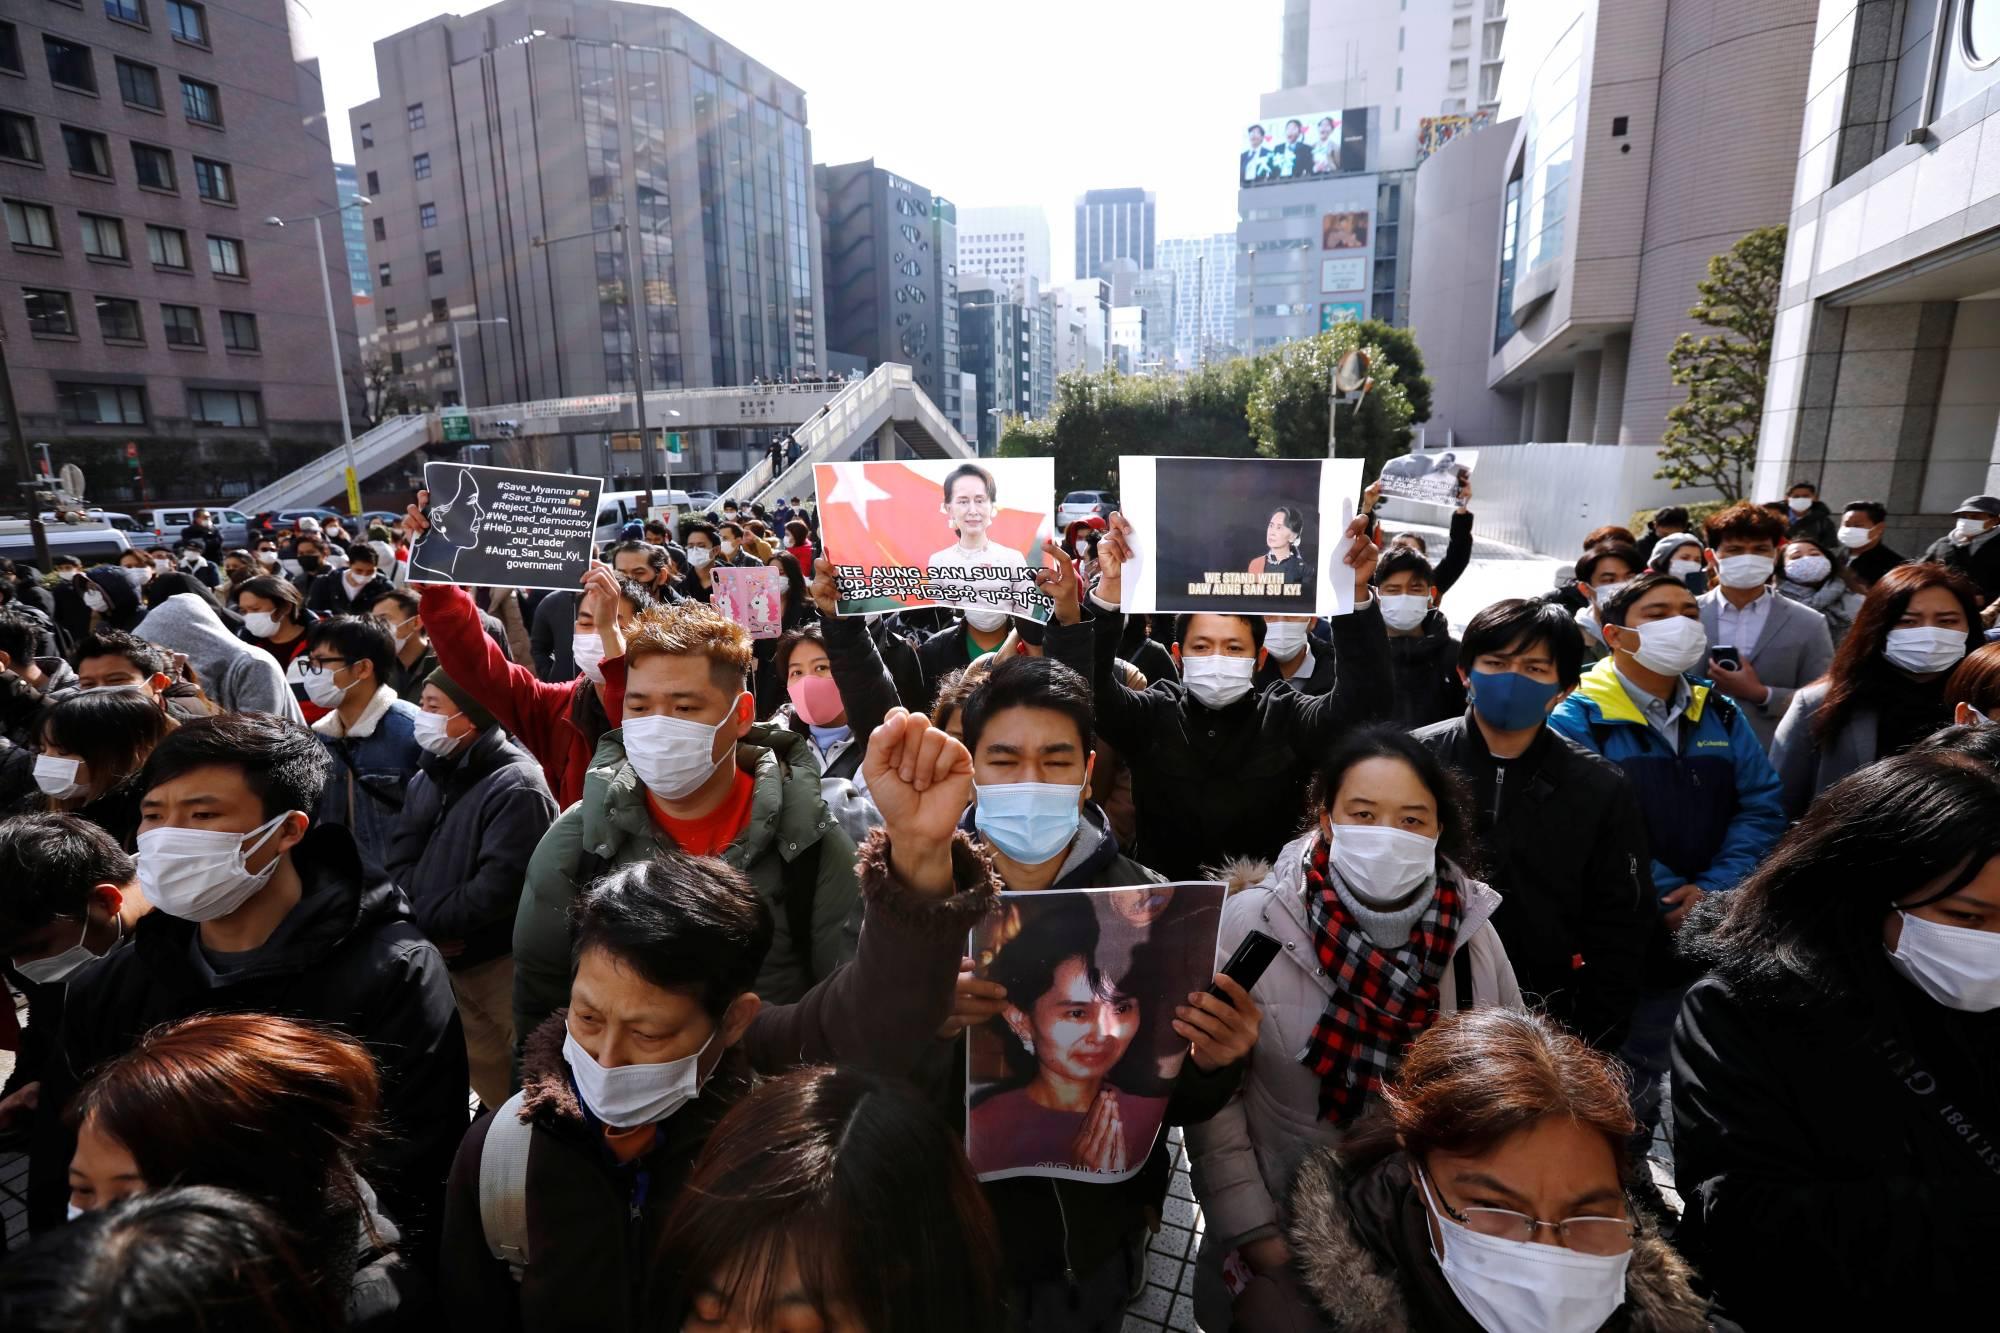 Cộng đồng Myanmar ở Nhật Bản sốc và lo lắng sau khi bà Aung San Suu Kyi bị giam giữ - Ảnh 3